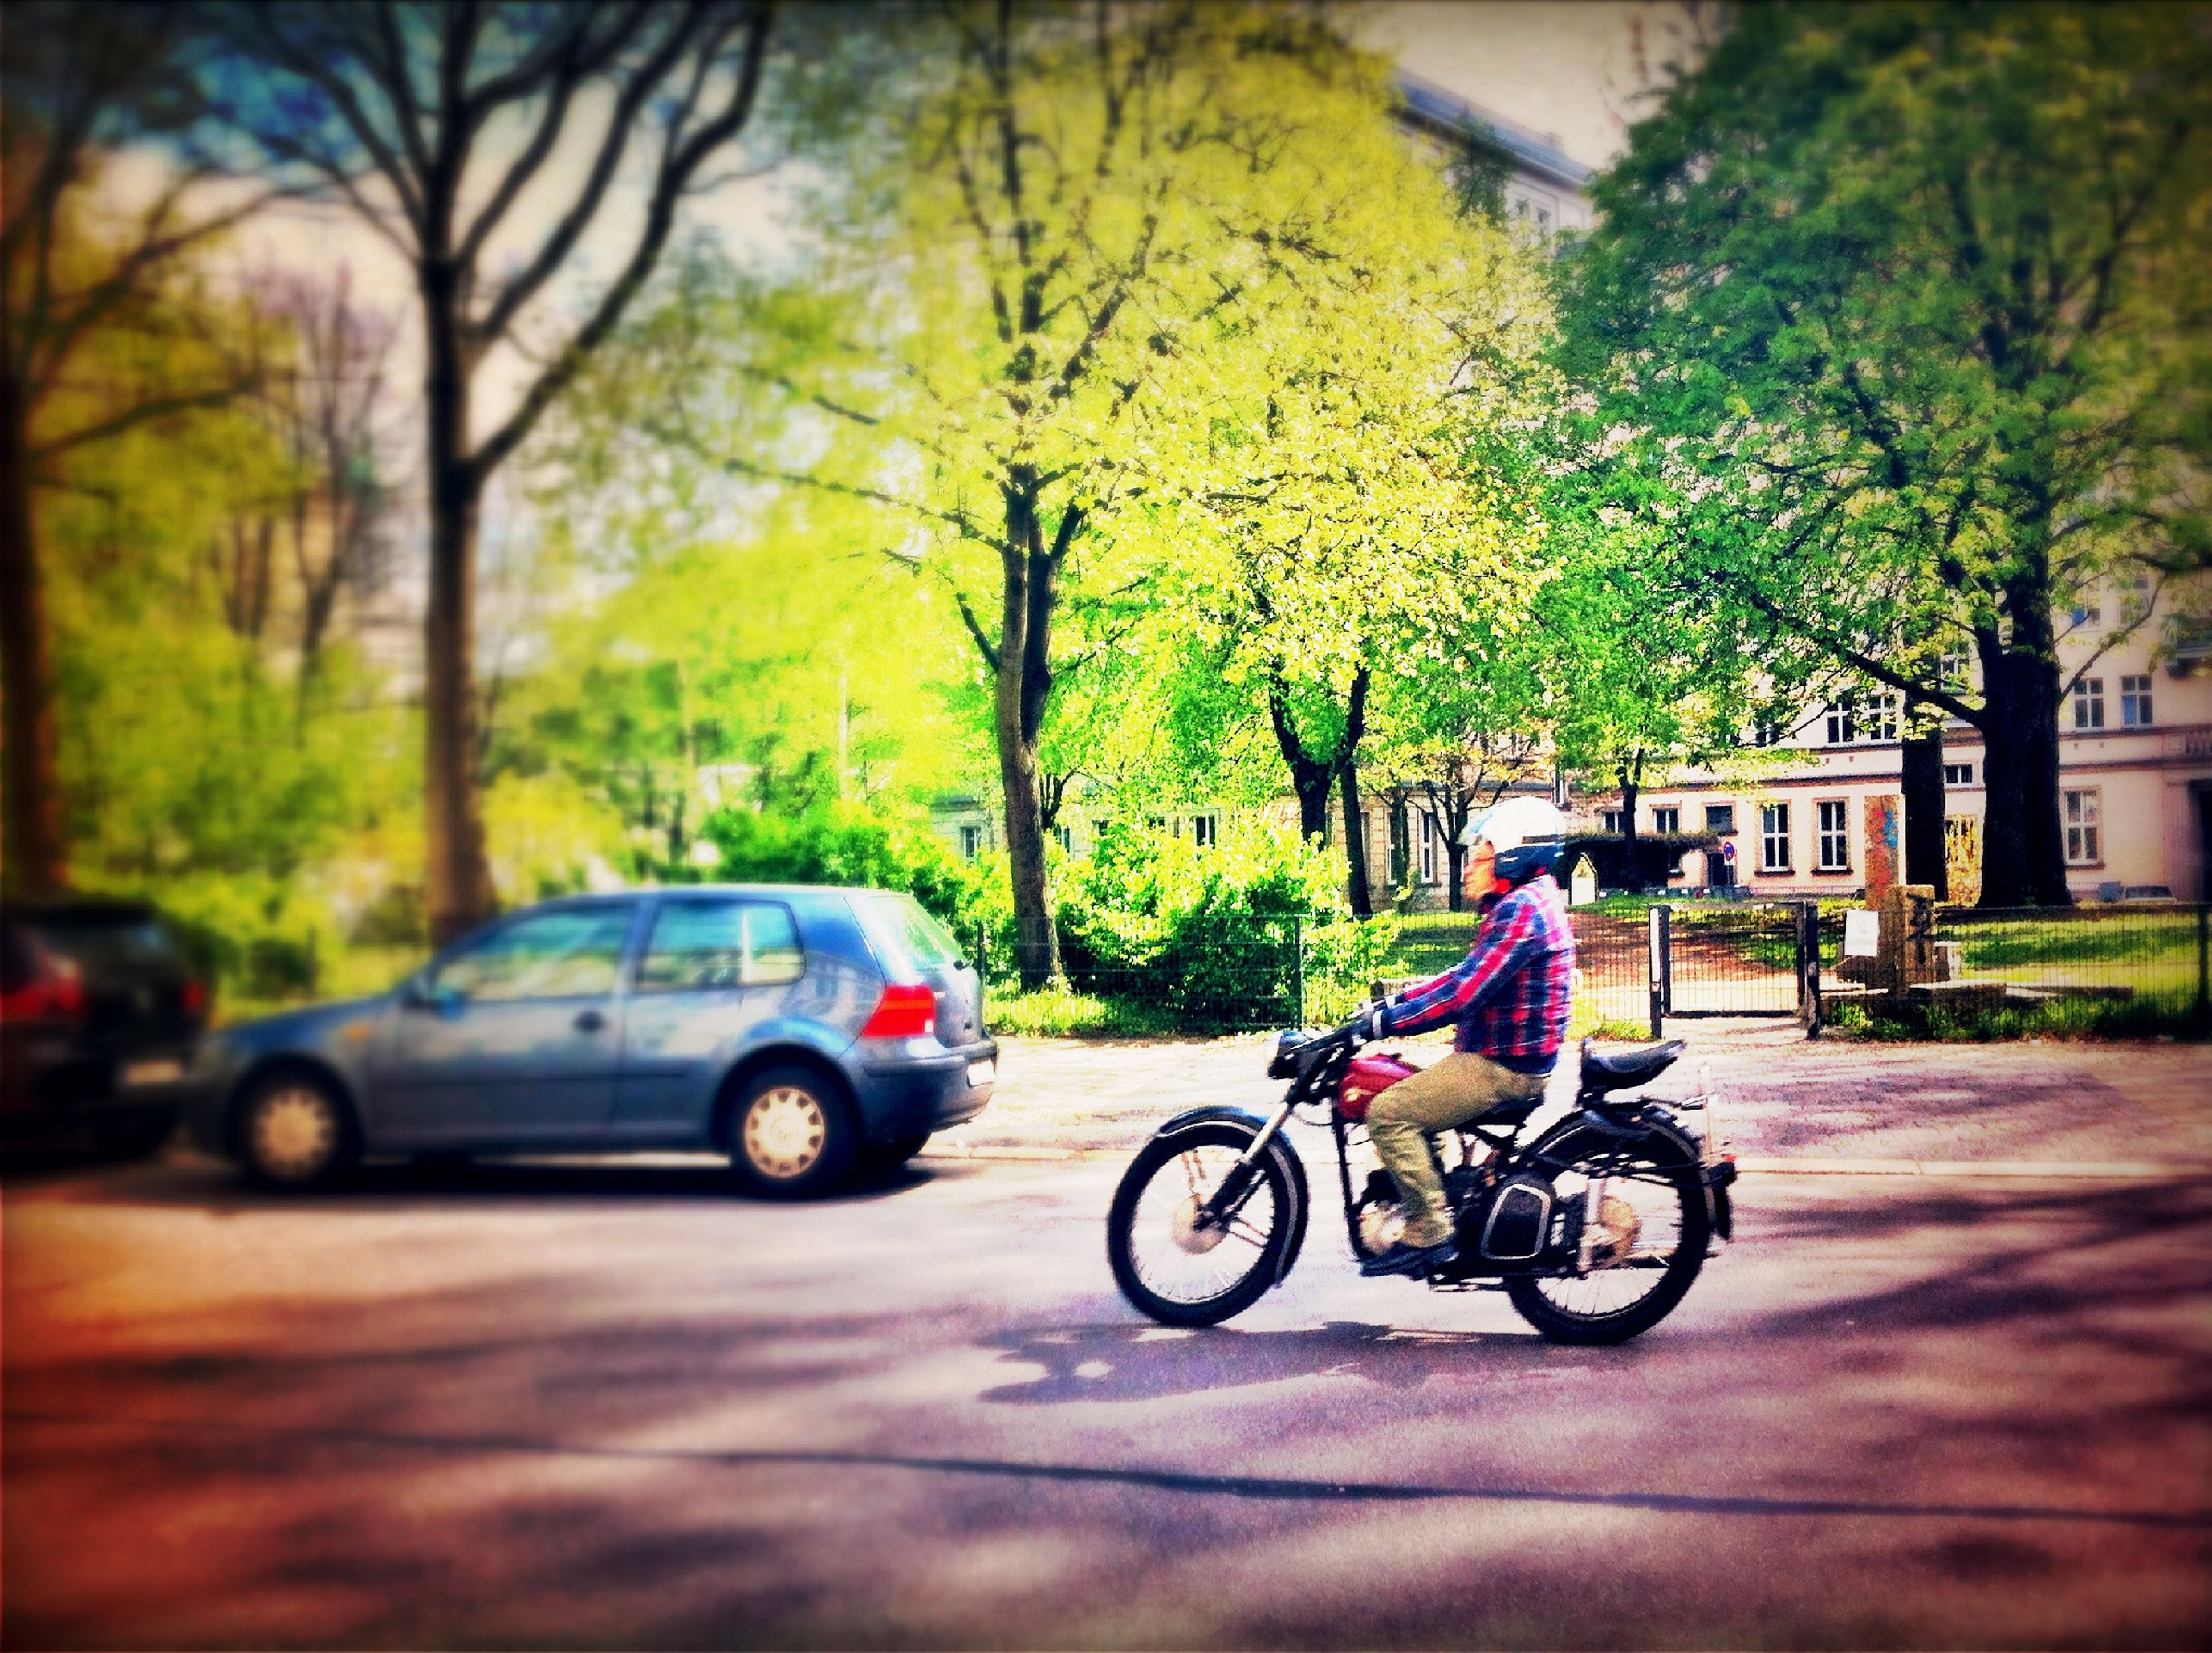 Mopeddriver